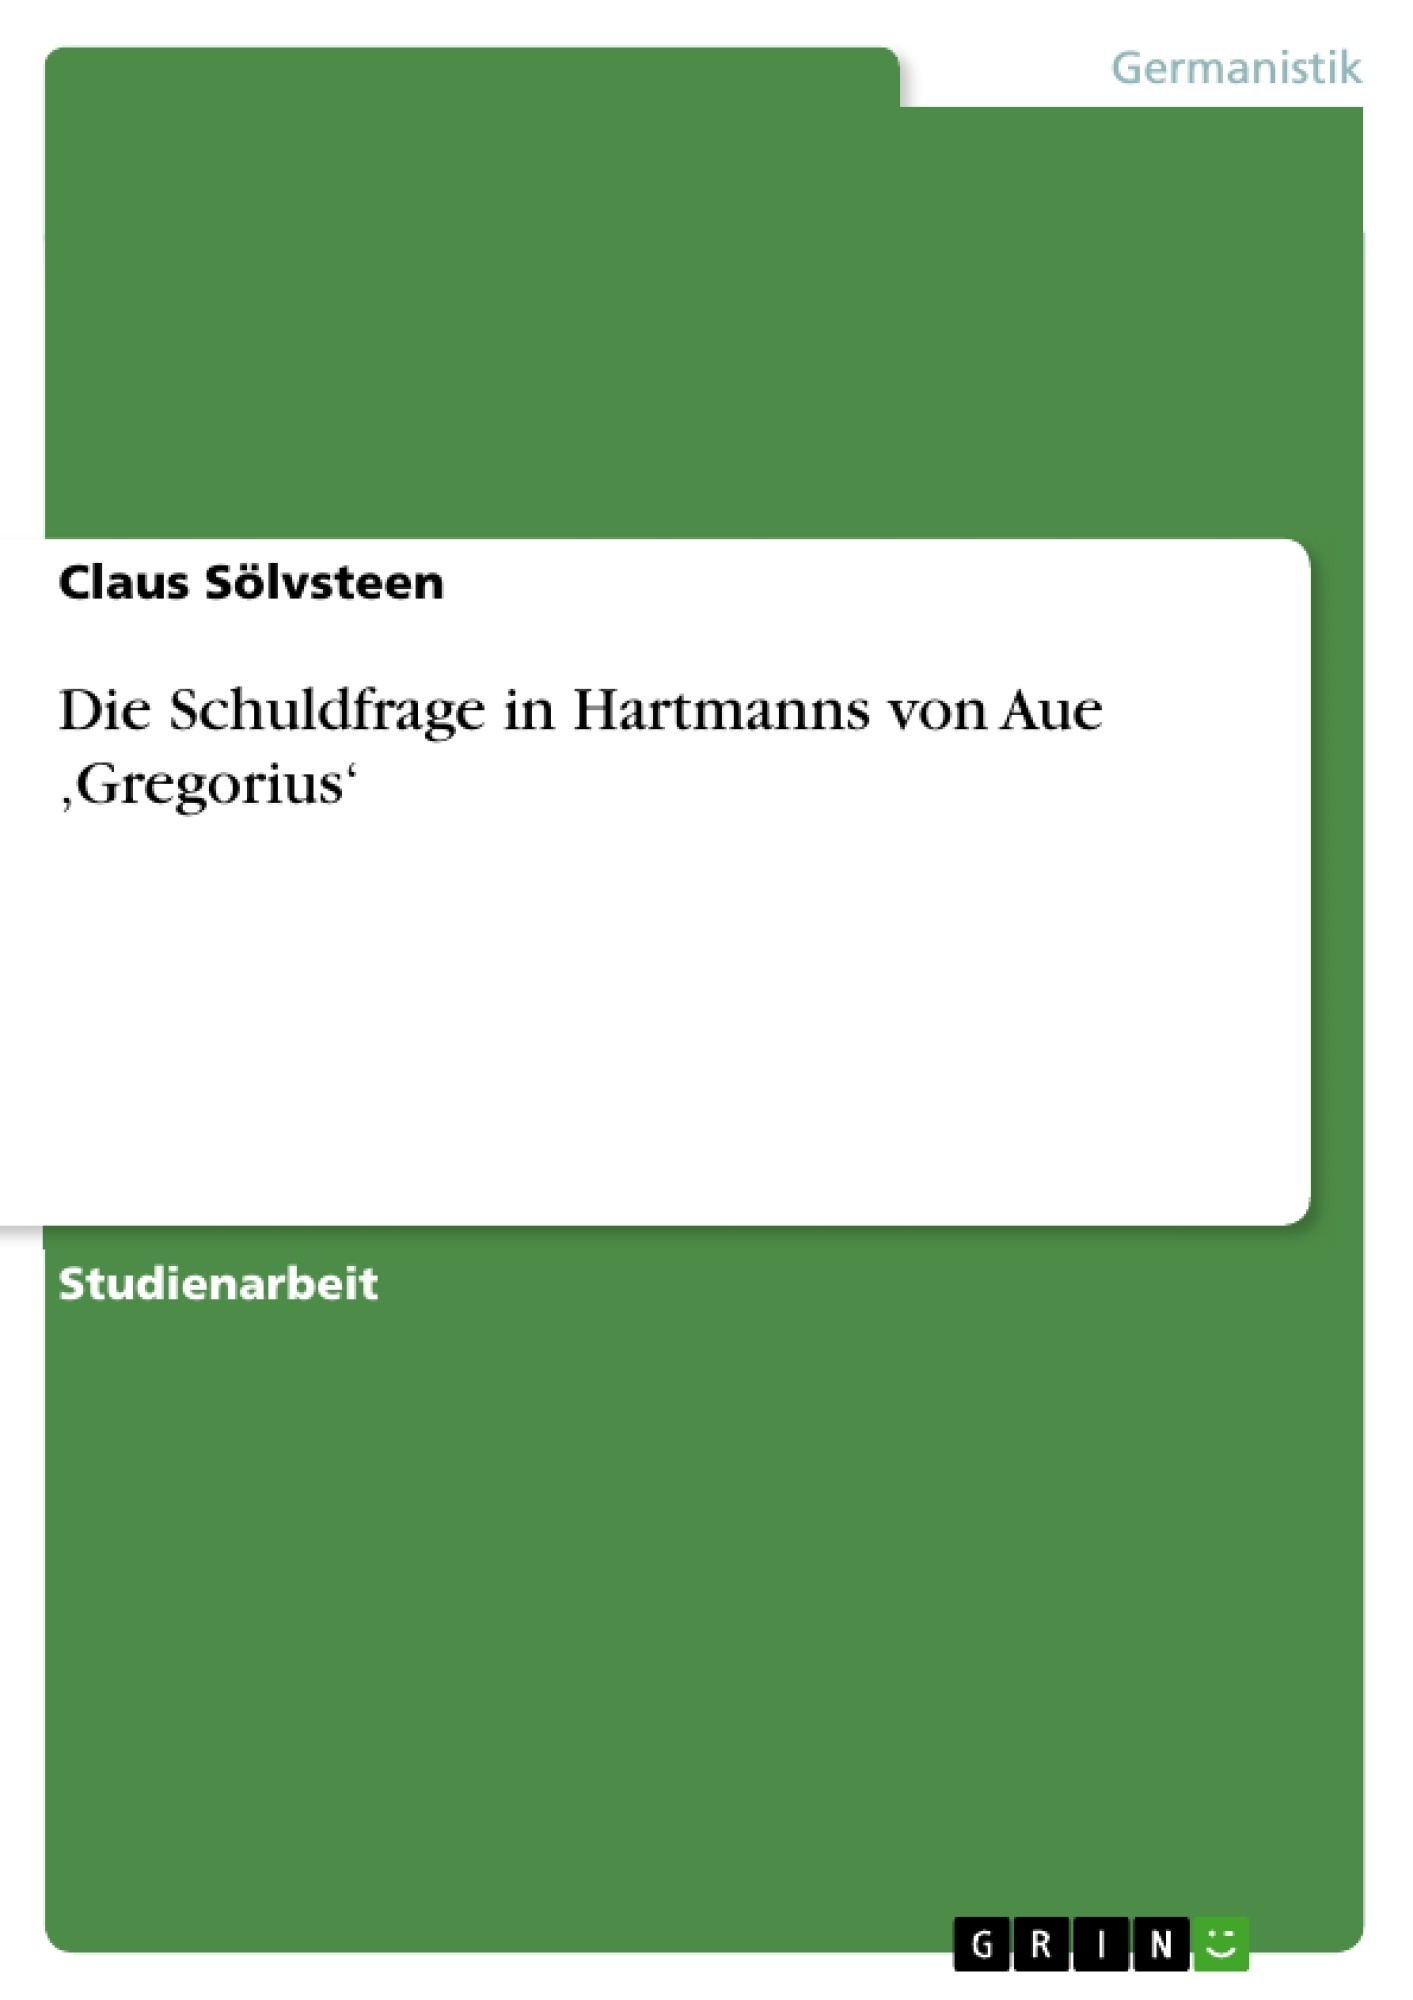 Titel: Die Schuldfrage in Hartmanns von Aue 'Gregorius'